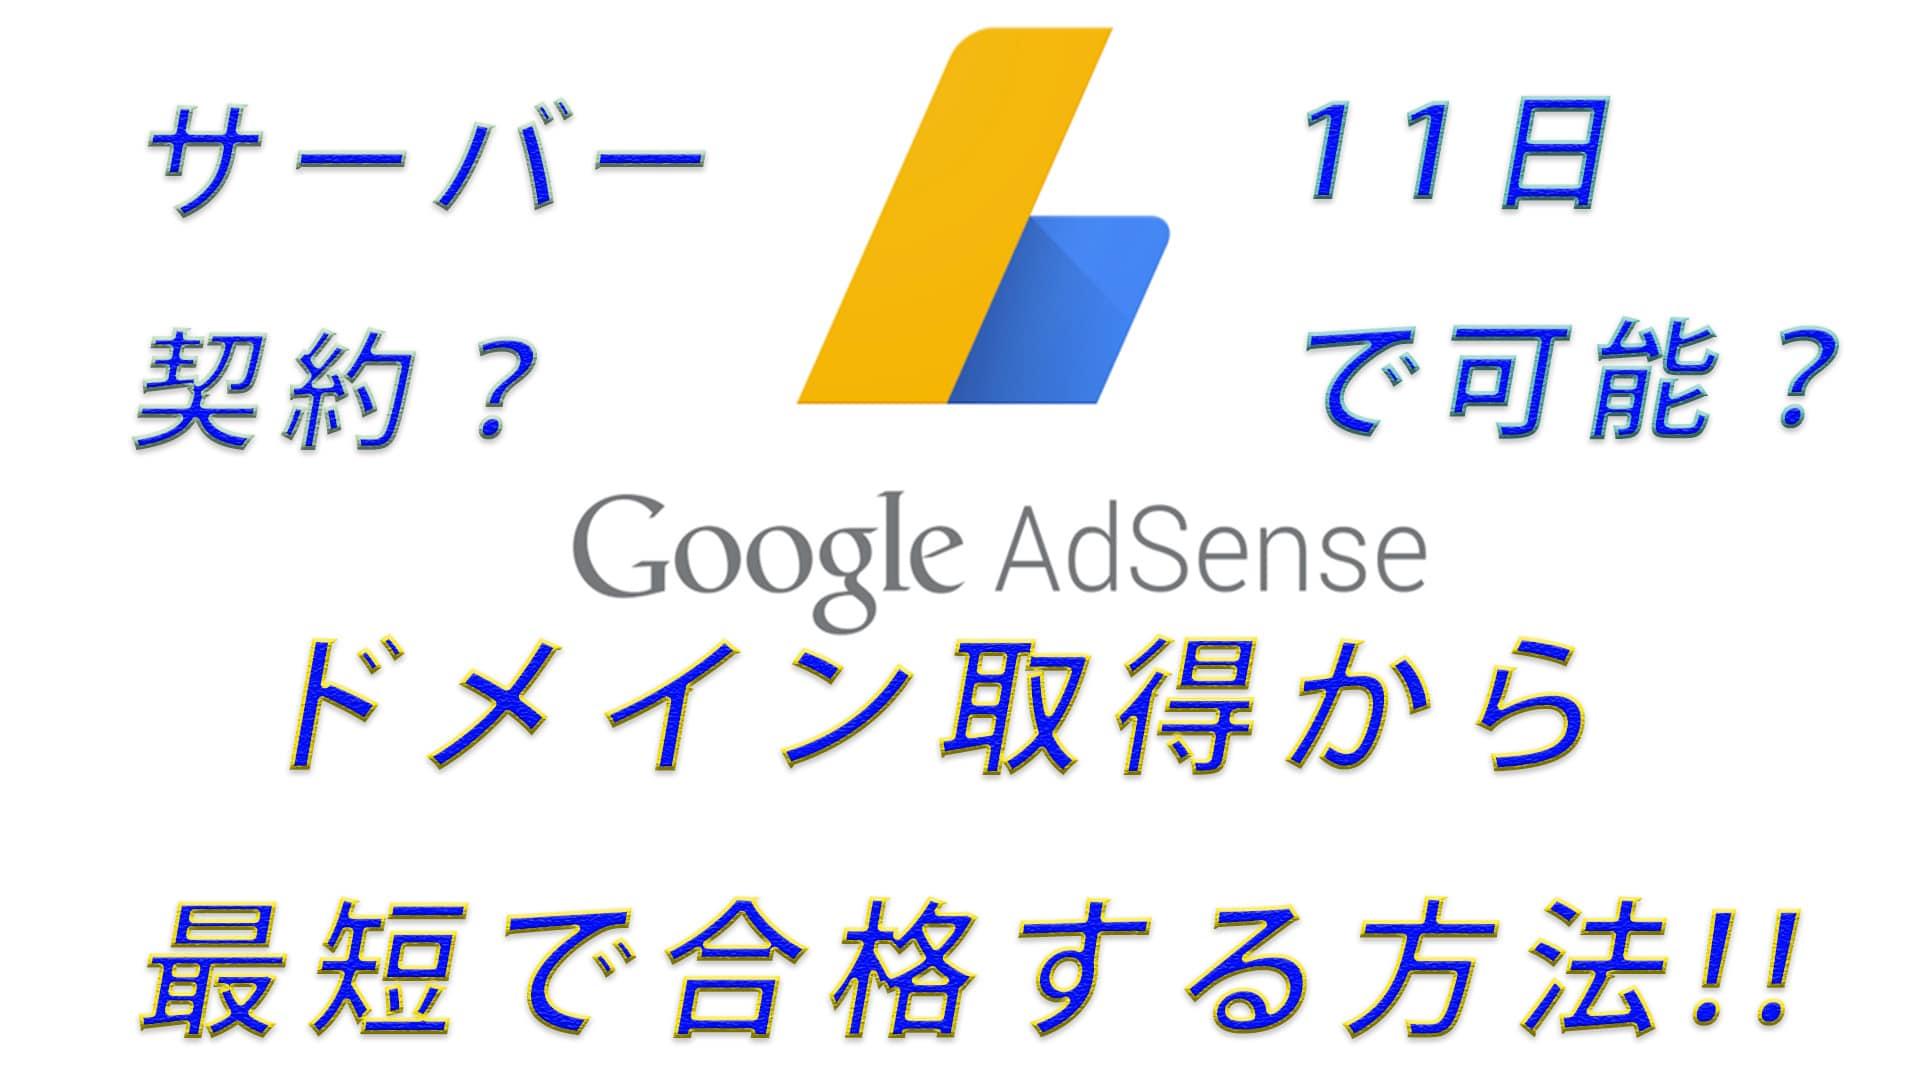 GoogleAdsense新規ドメイン取得から合計15日で合格!!